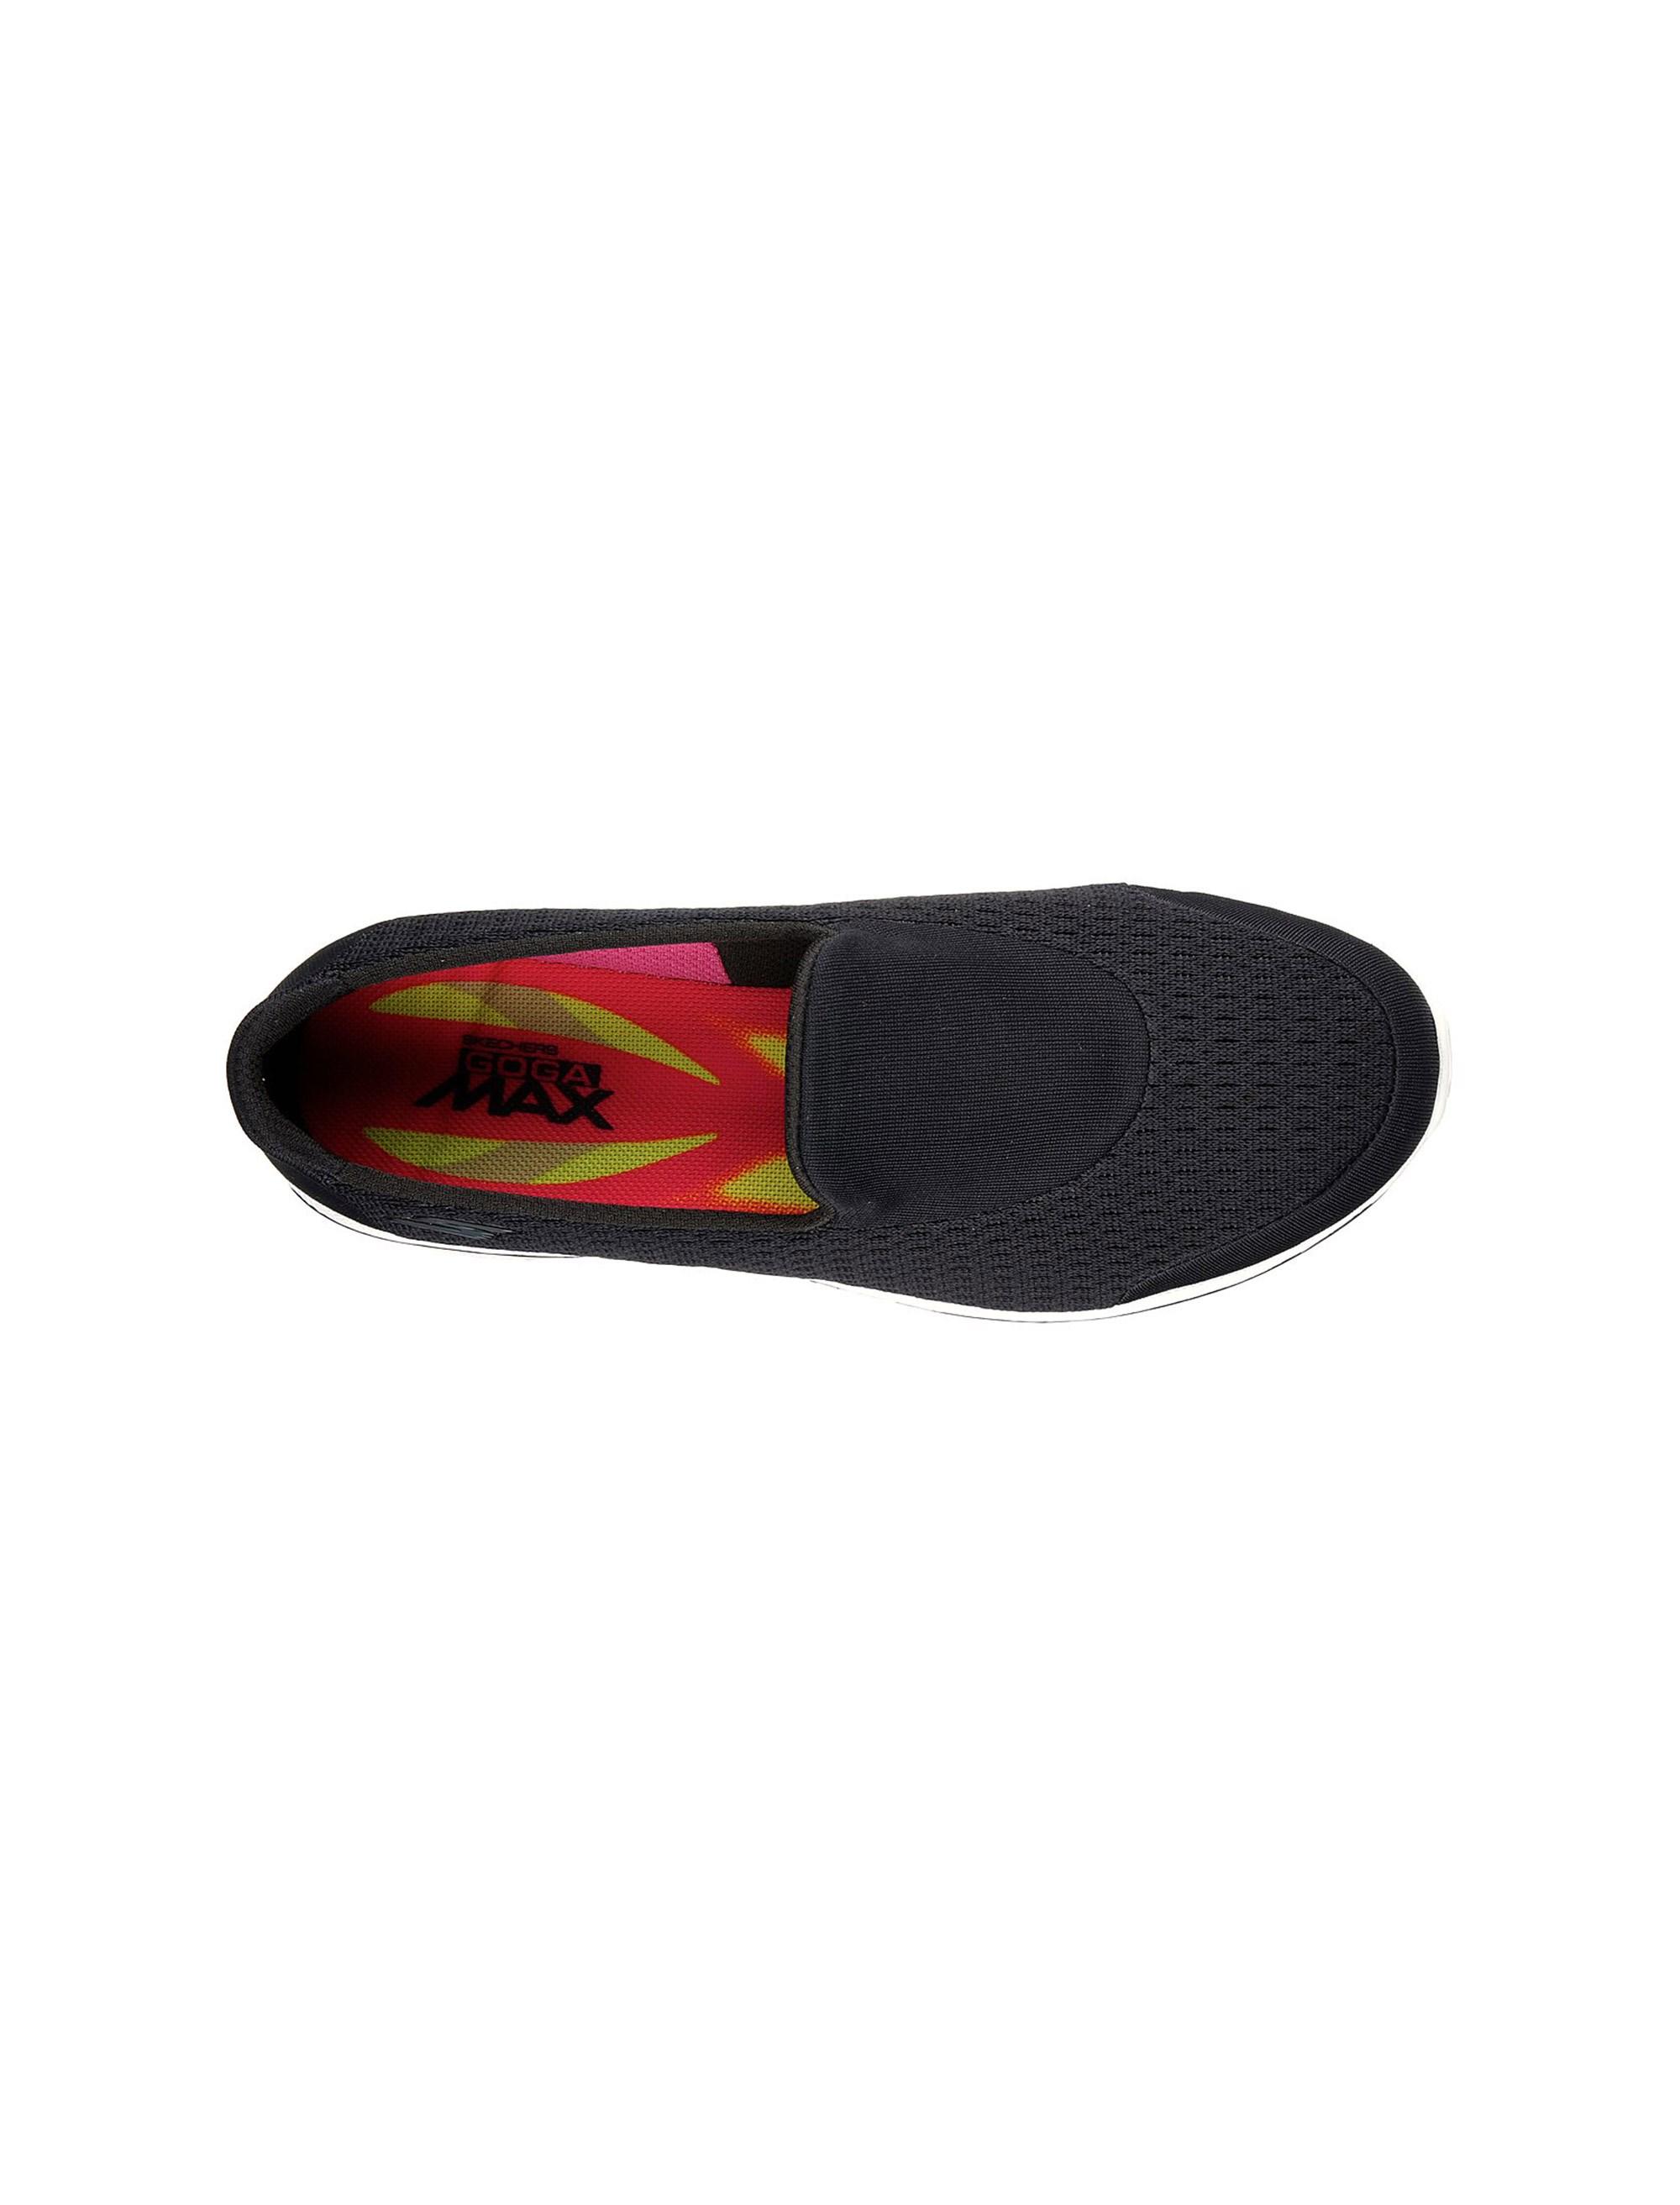 کفش پیاده روی پارچه ای بزرگسال GoWalk 4 Pursuit - اسکچرز